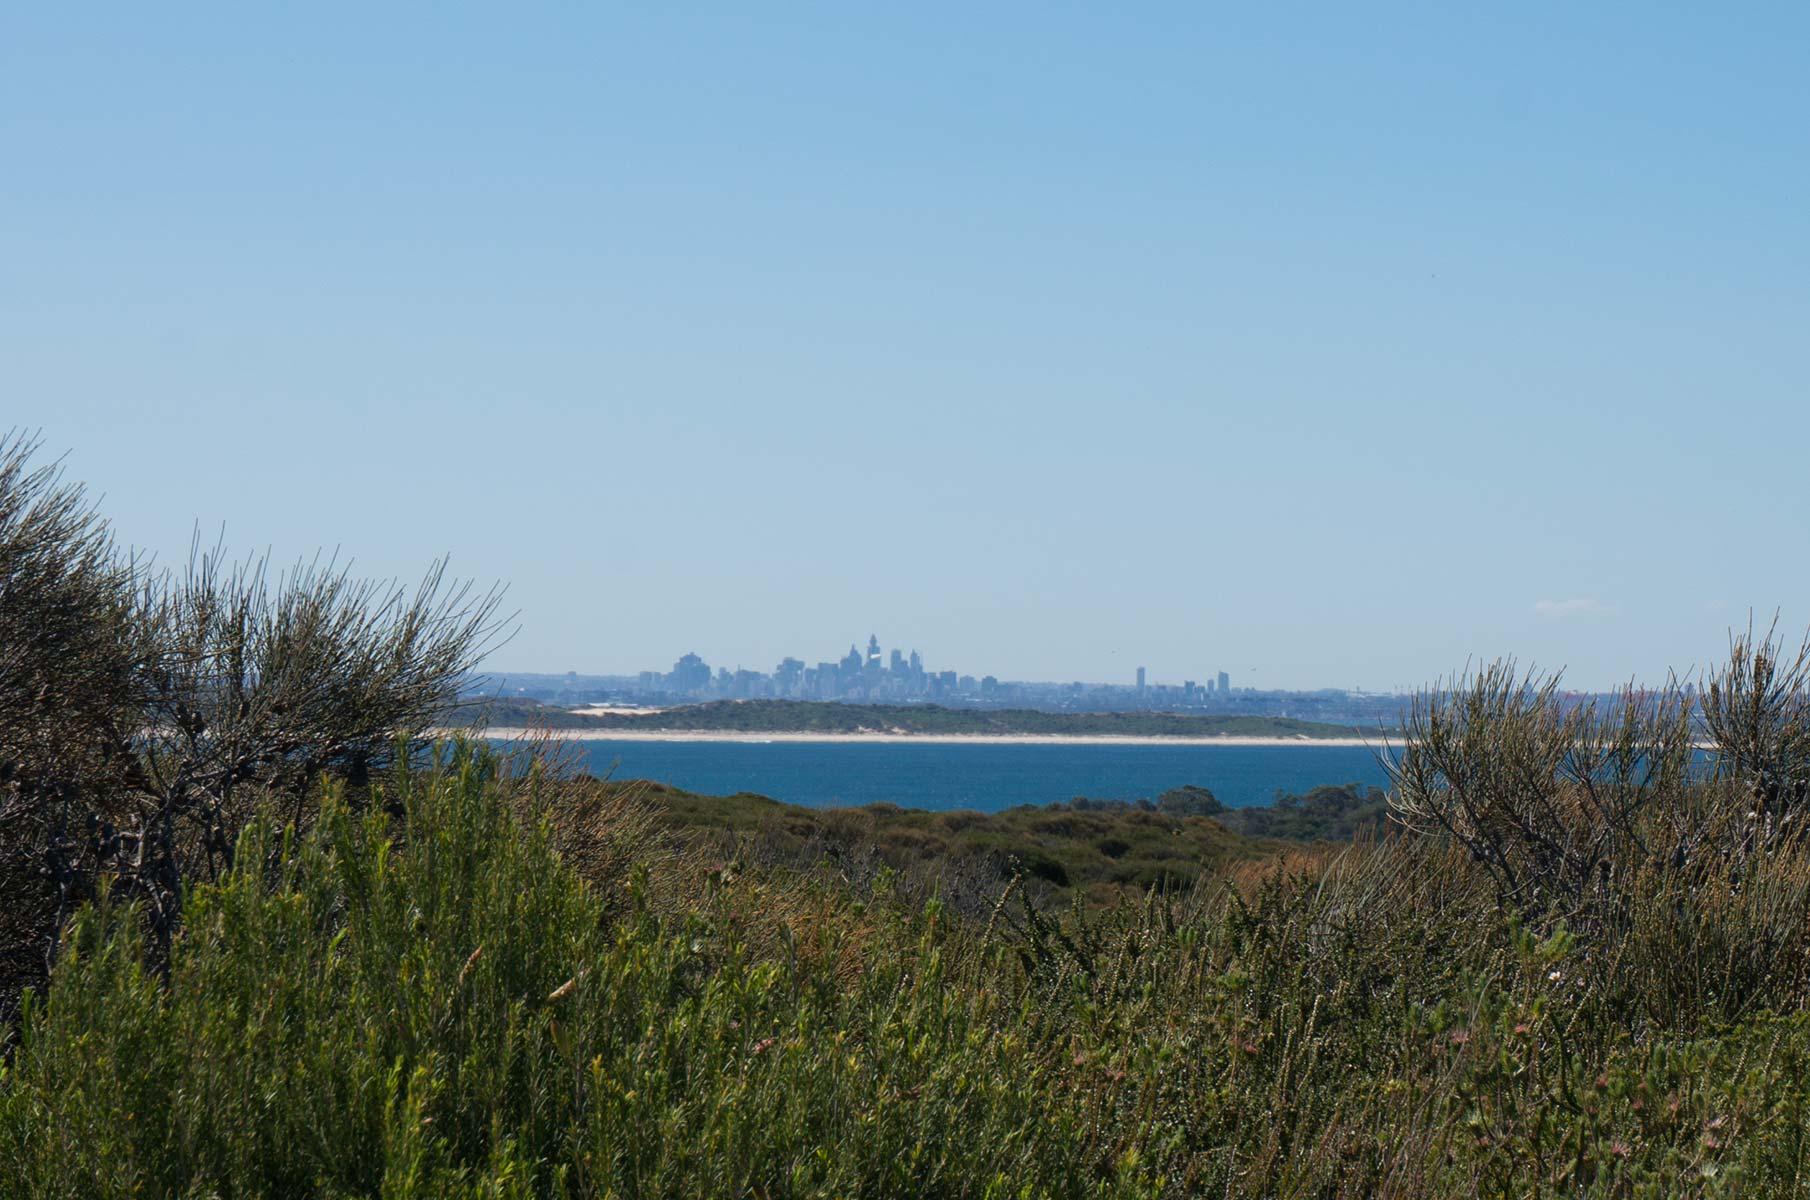 Blick auf Sydney aus dem Royal National Park, Australien